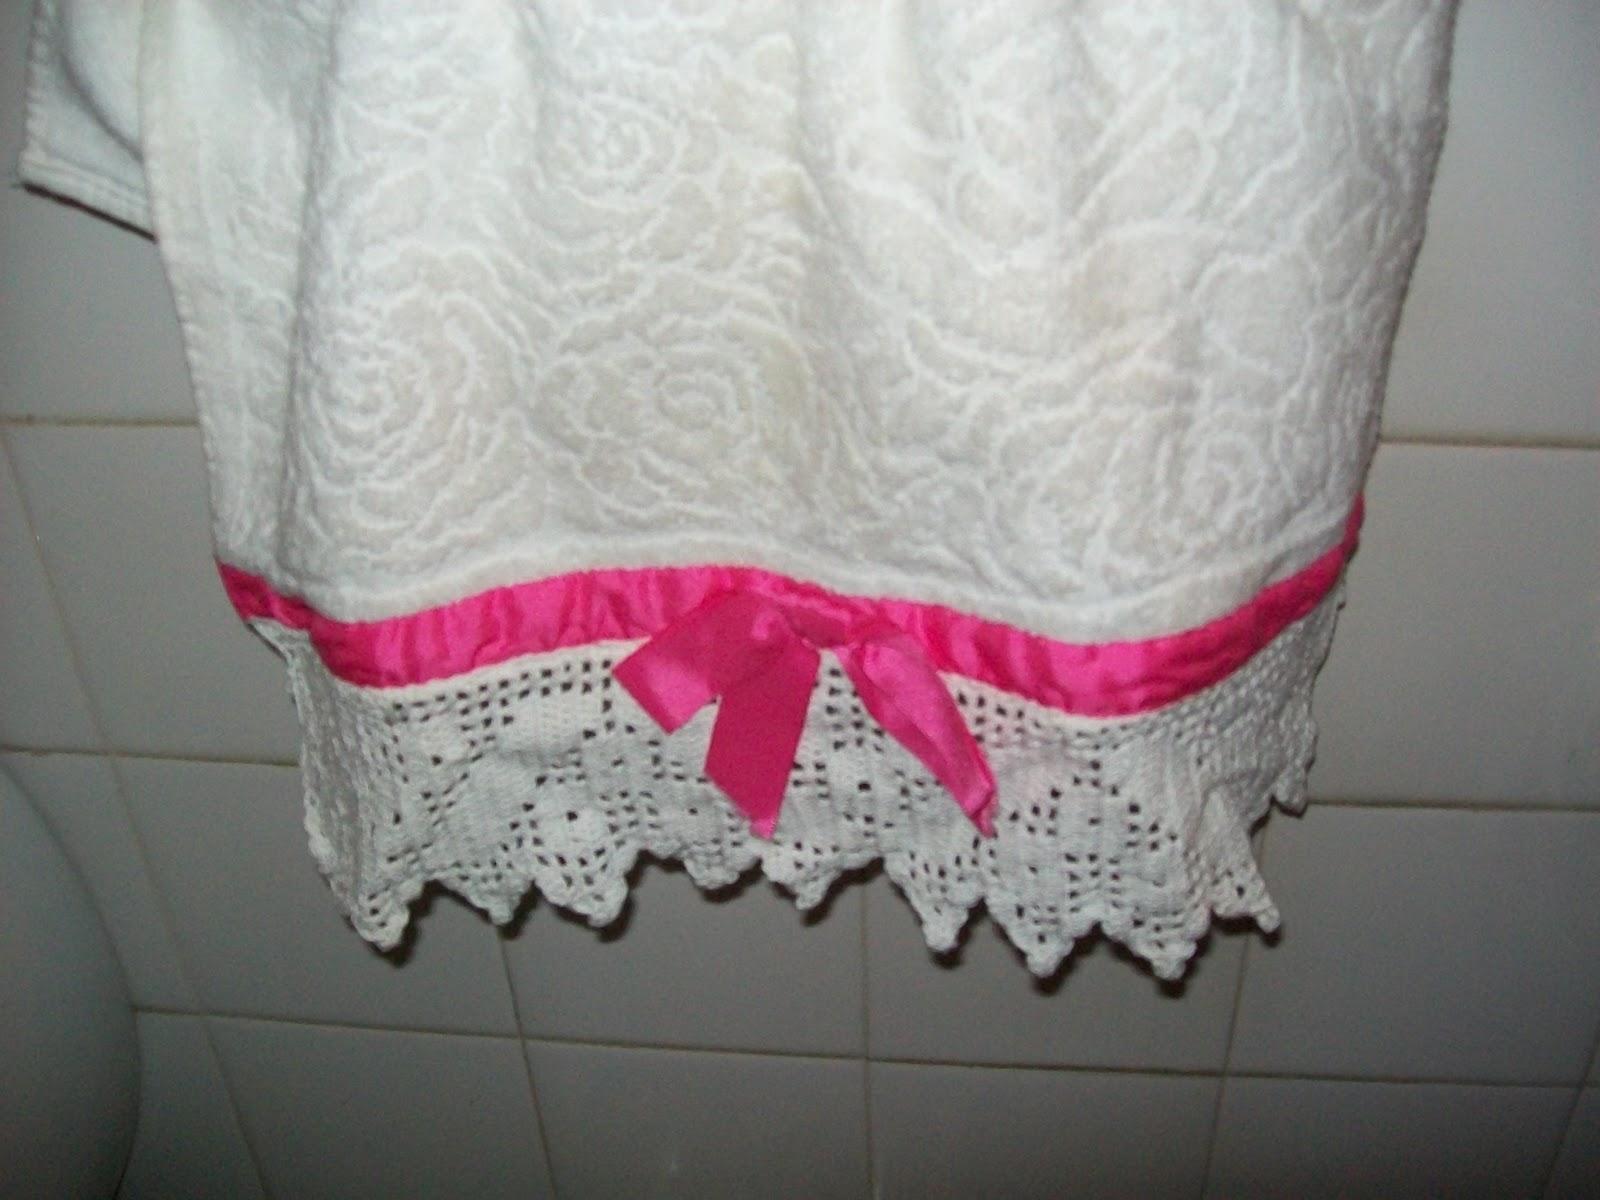 Decoracion De Baños Tejidos A Crochet: de puntilla tejida al crochet con hilo macramé o de algodón Quedan